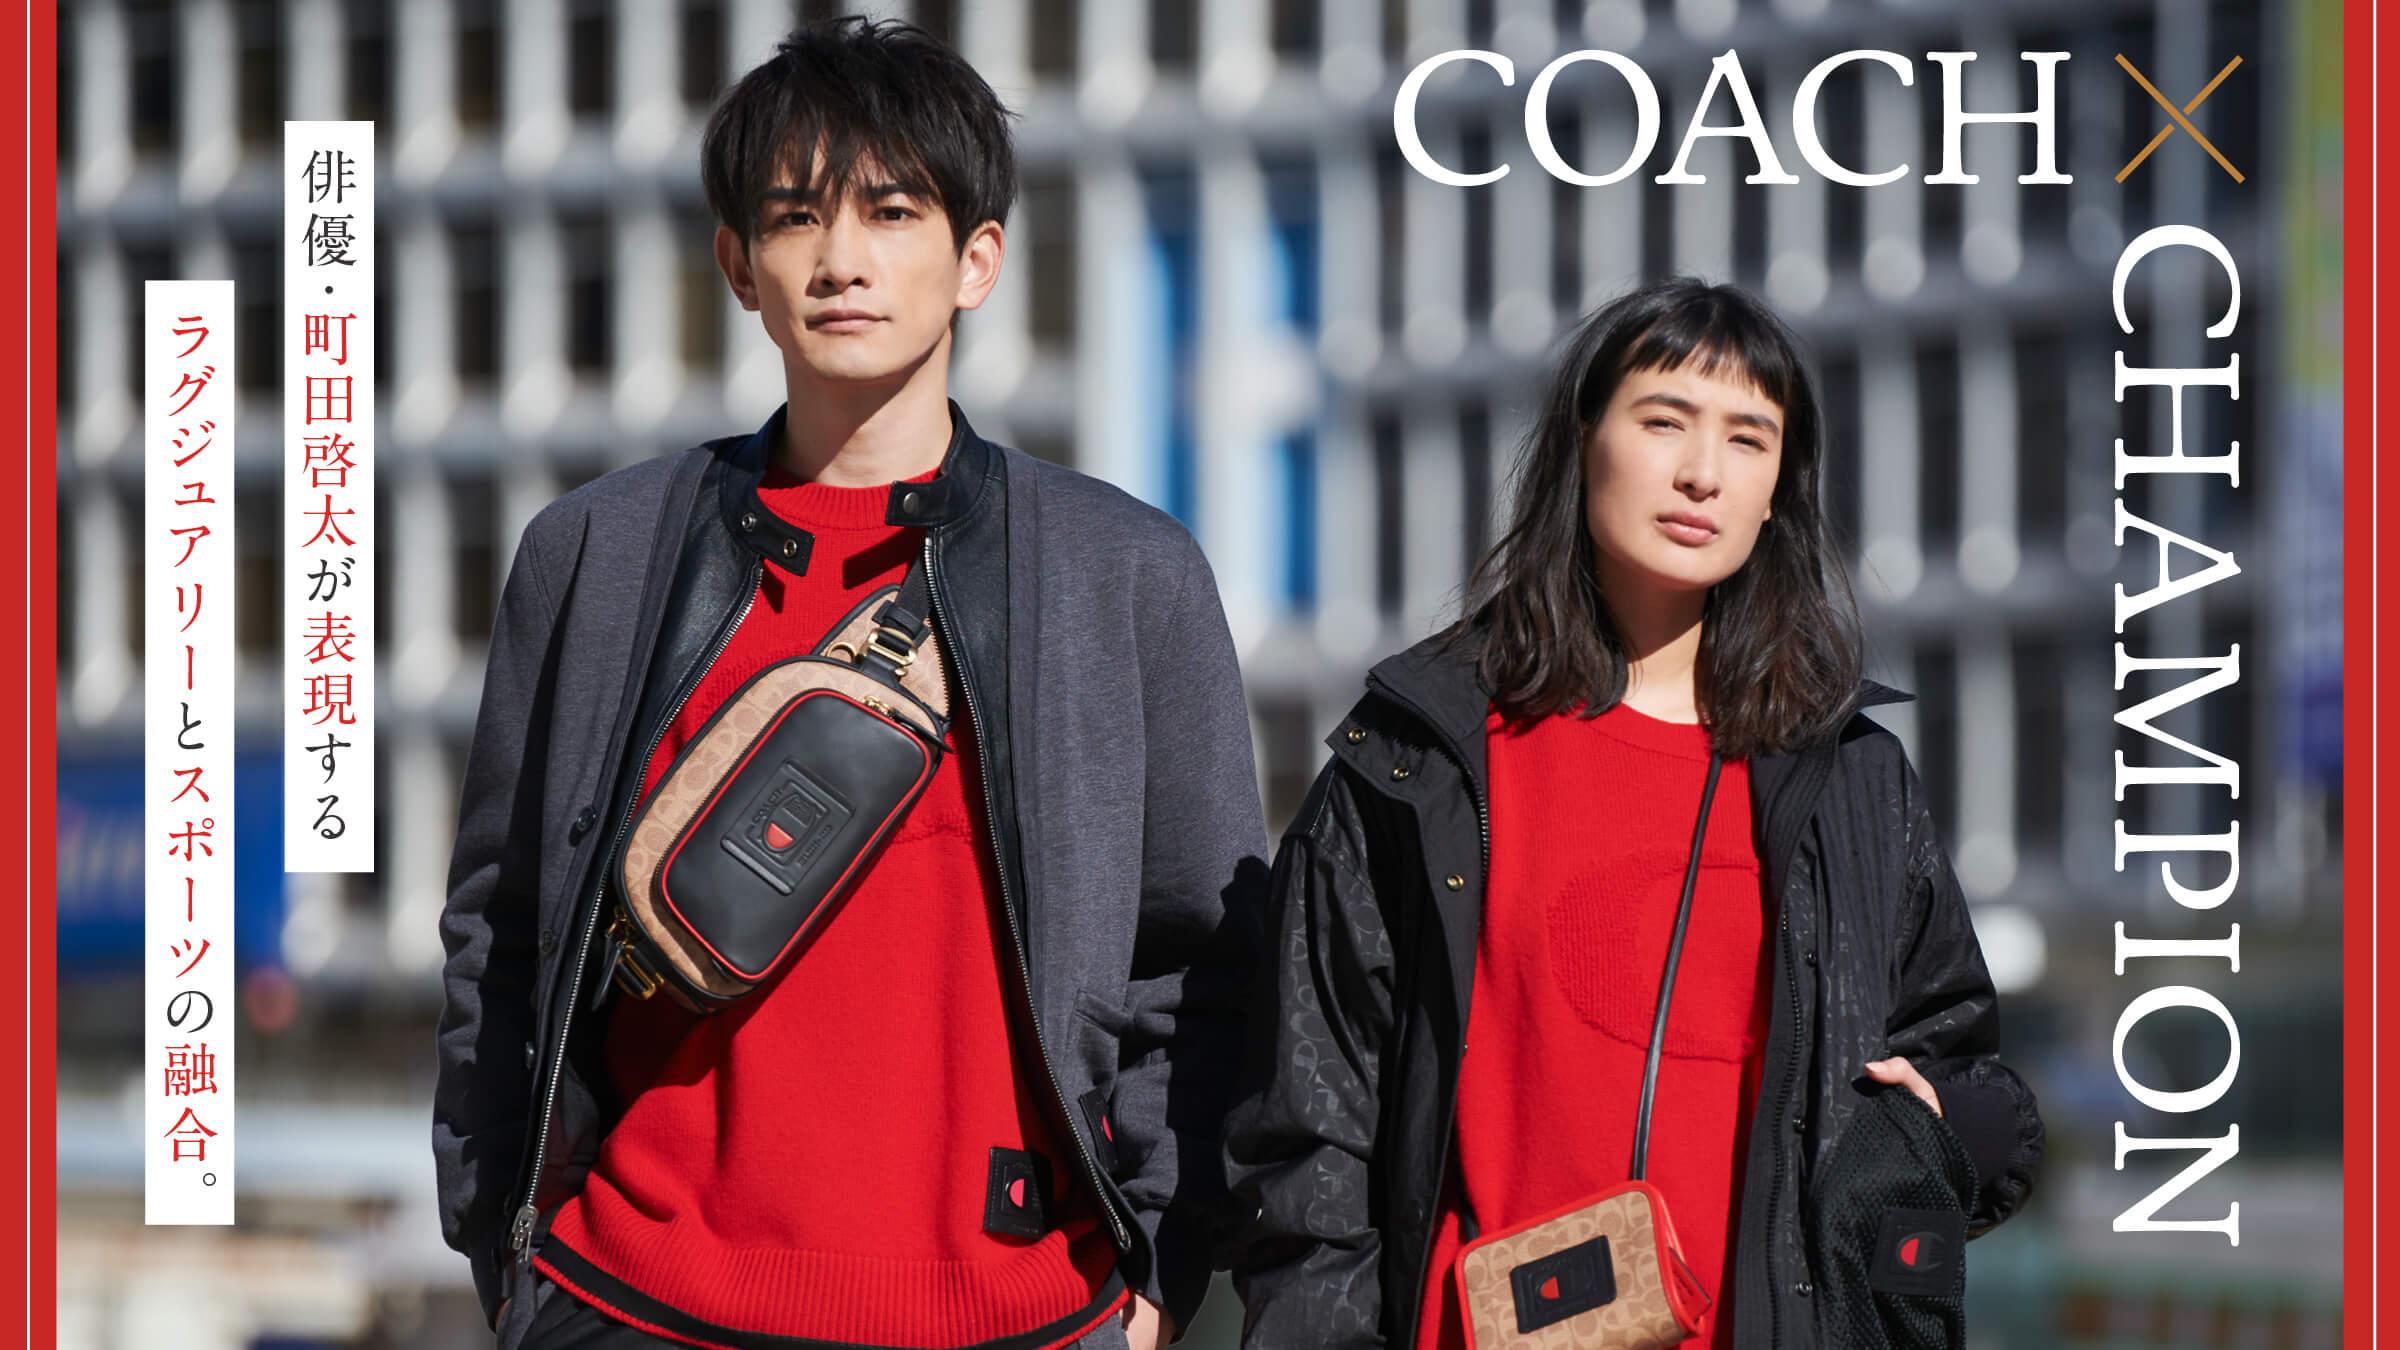 俳優・町田啓太が表現するラグジュアリーとスポーツの融合。